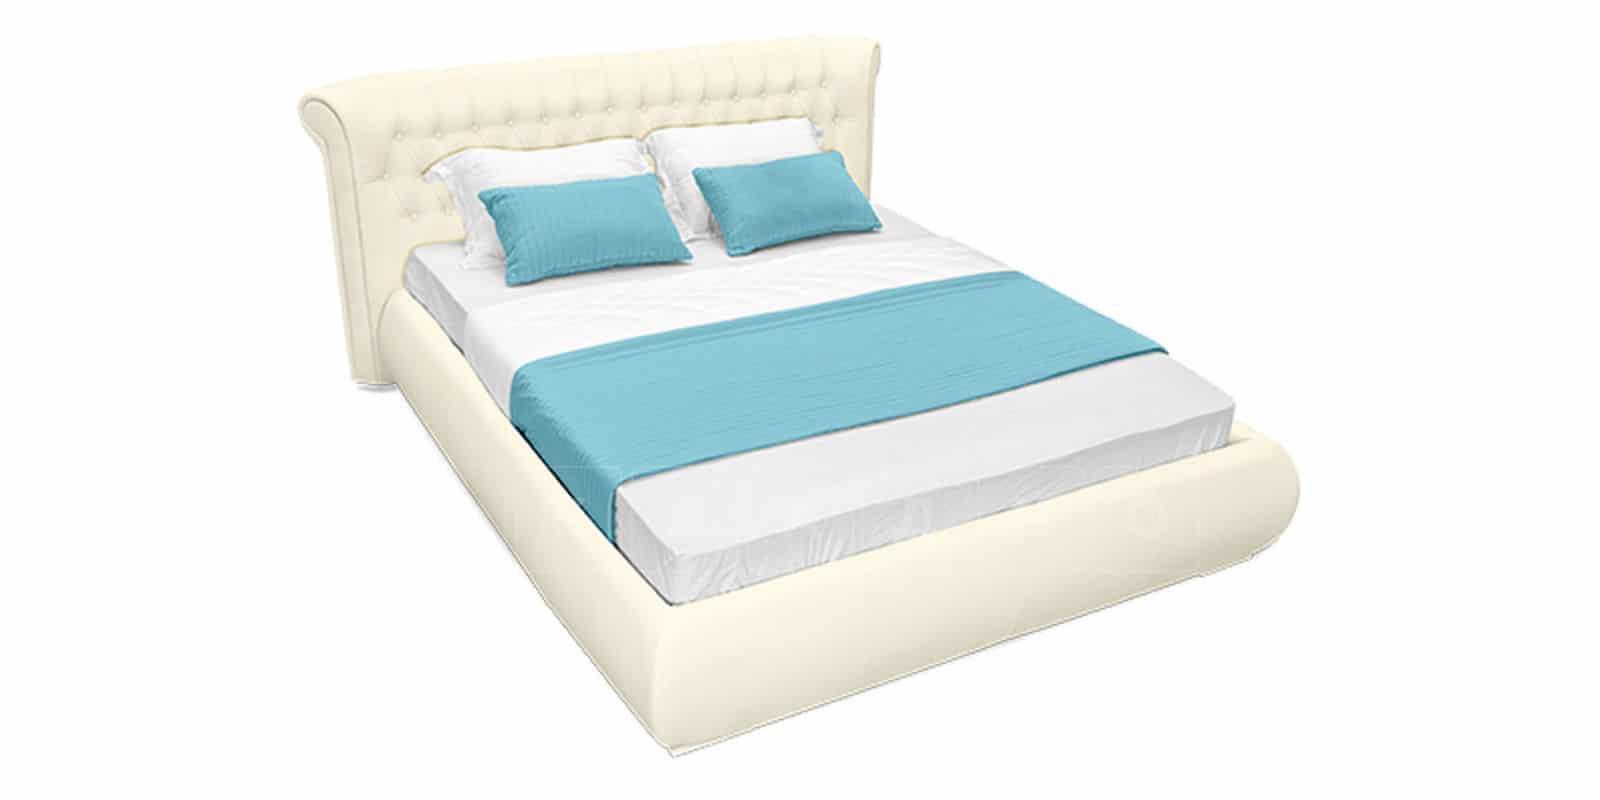 Мягкая кровать Вирджиния 160см экокожа молочного цвета фото 5 | интернет-магазин Складно